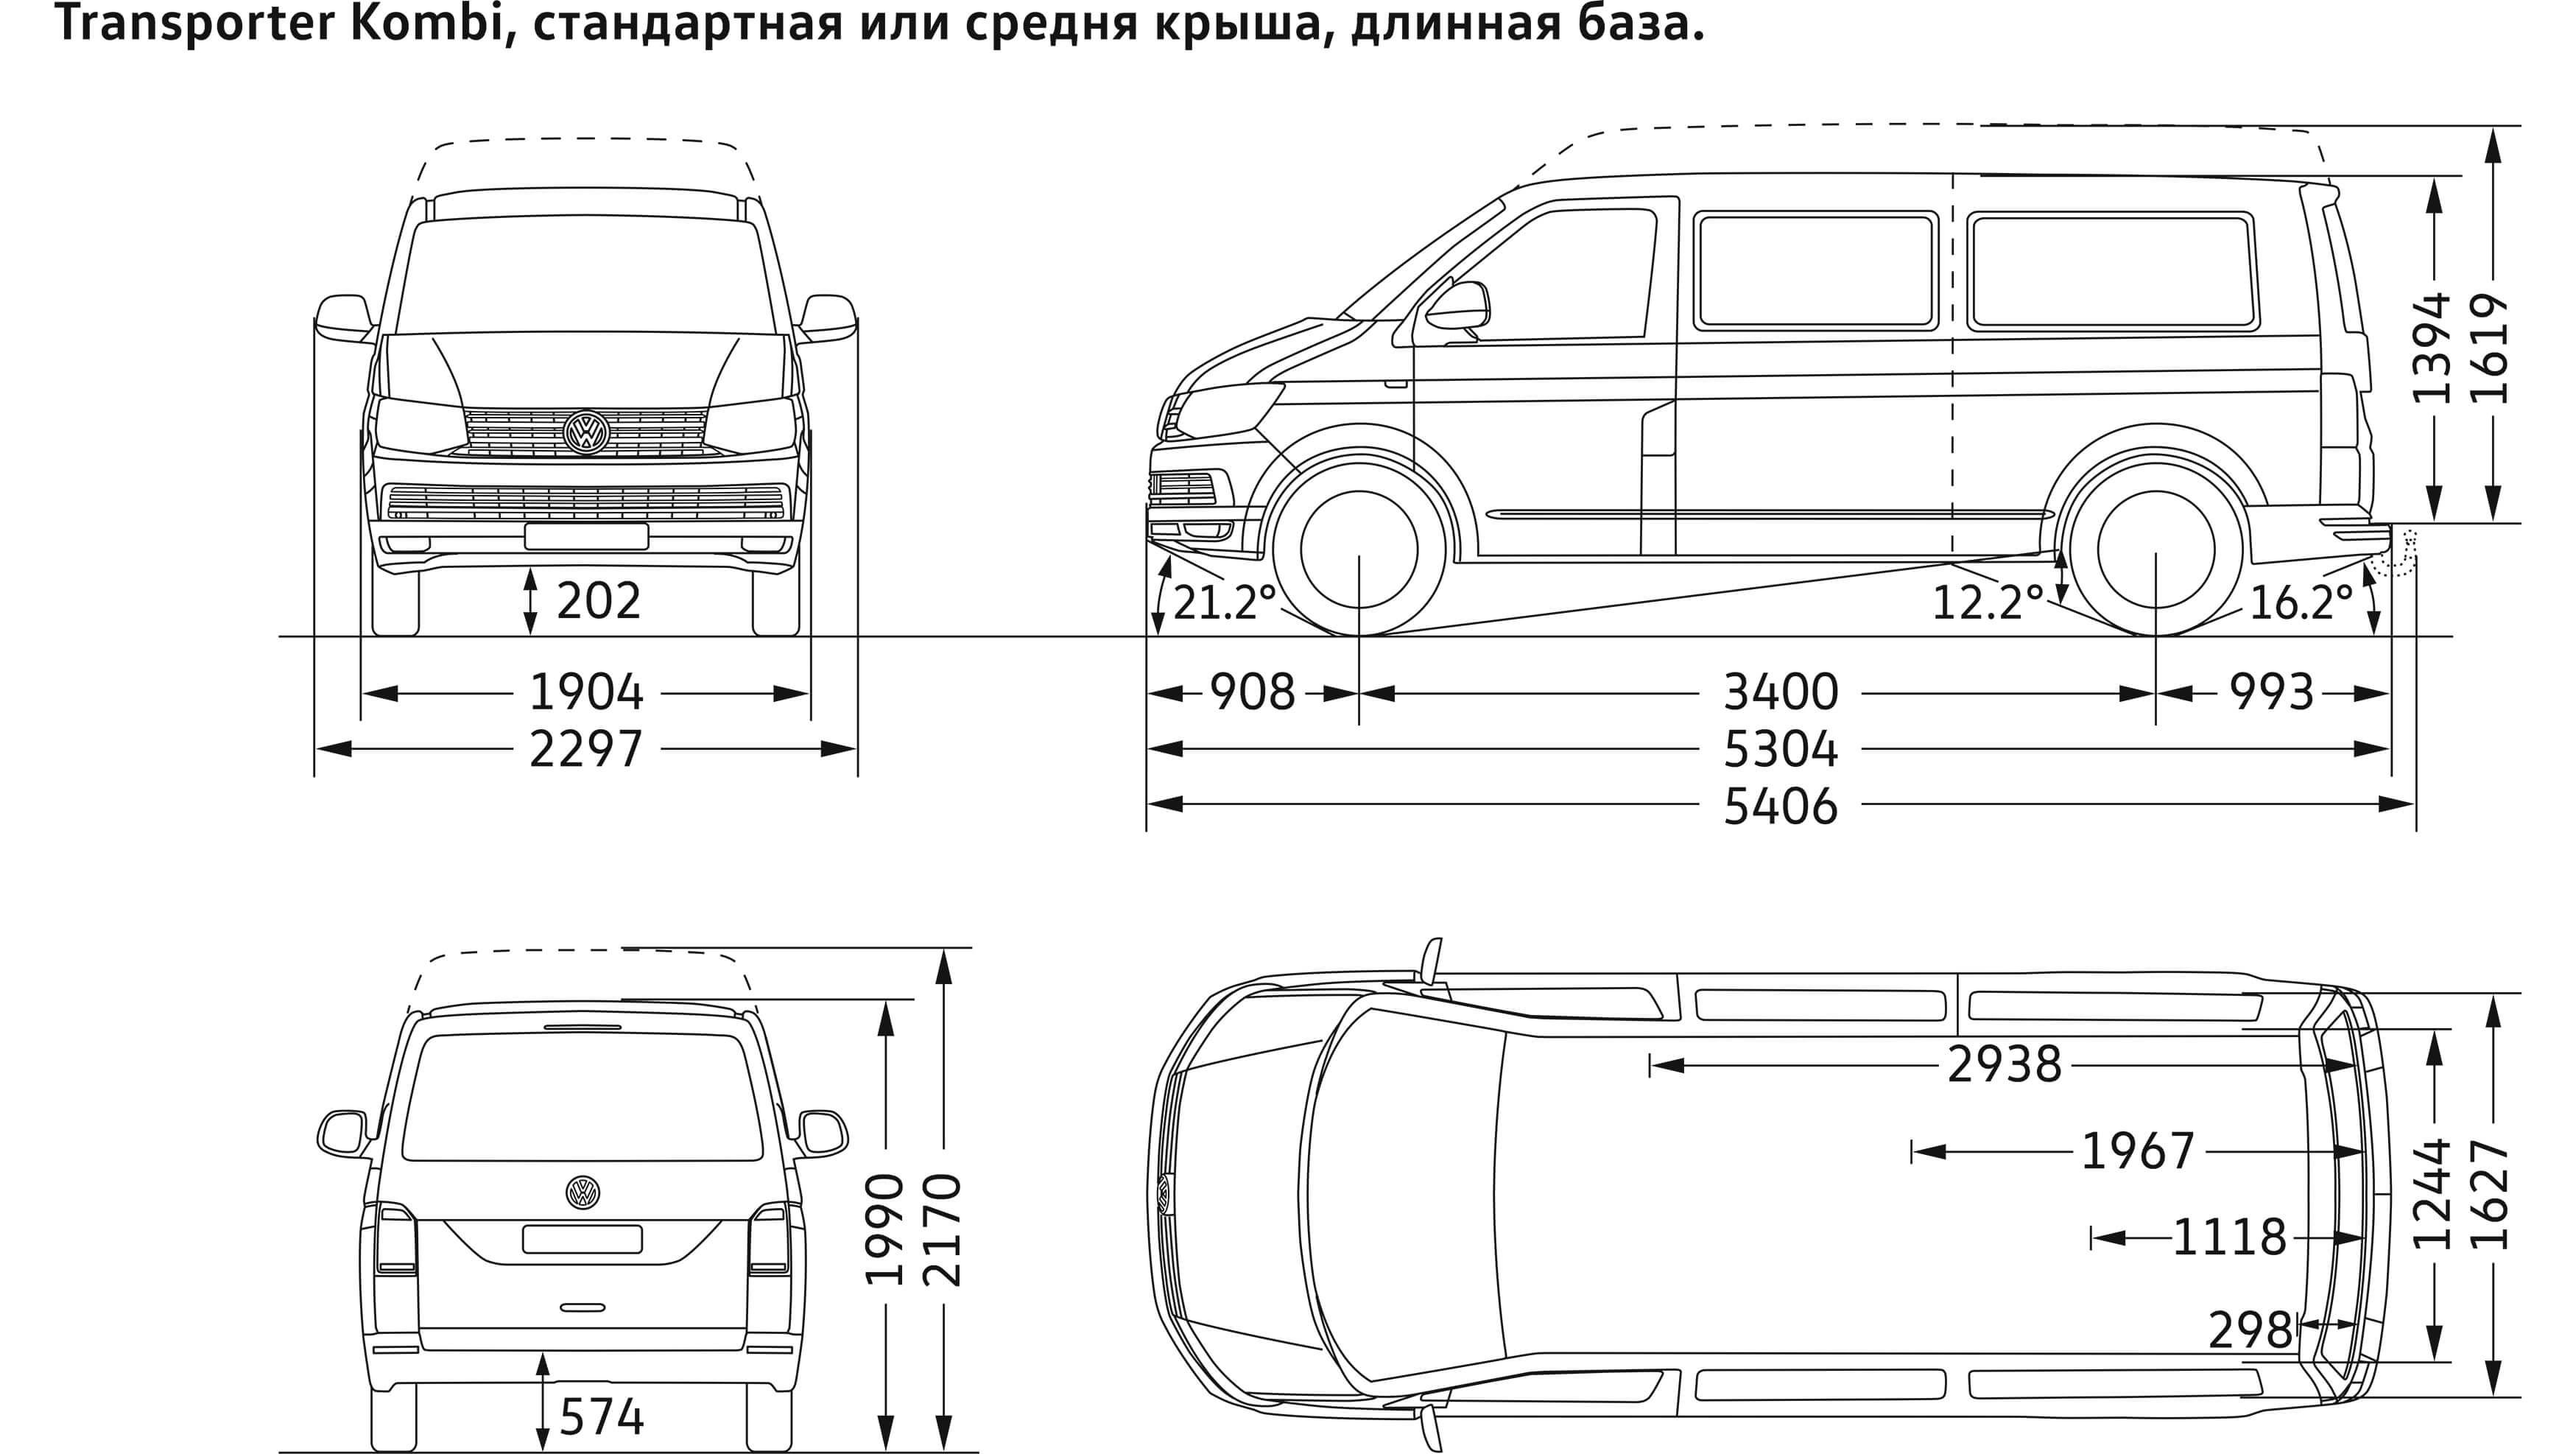 Тех характеристики транспортер конструкции натяжных барабанов ленточных конвейеров